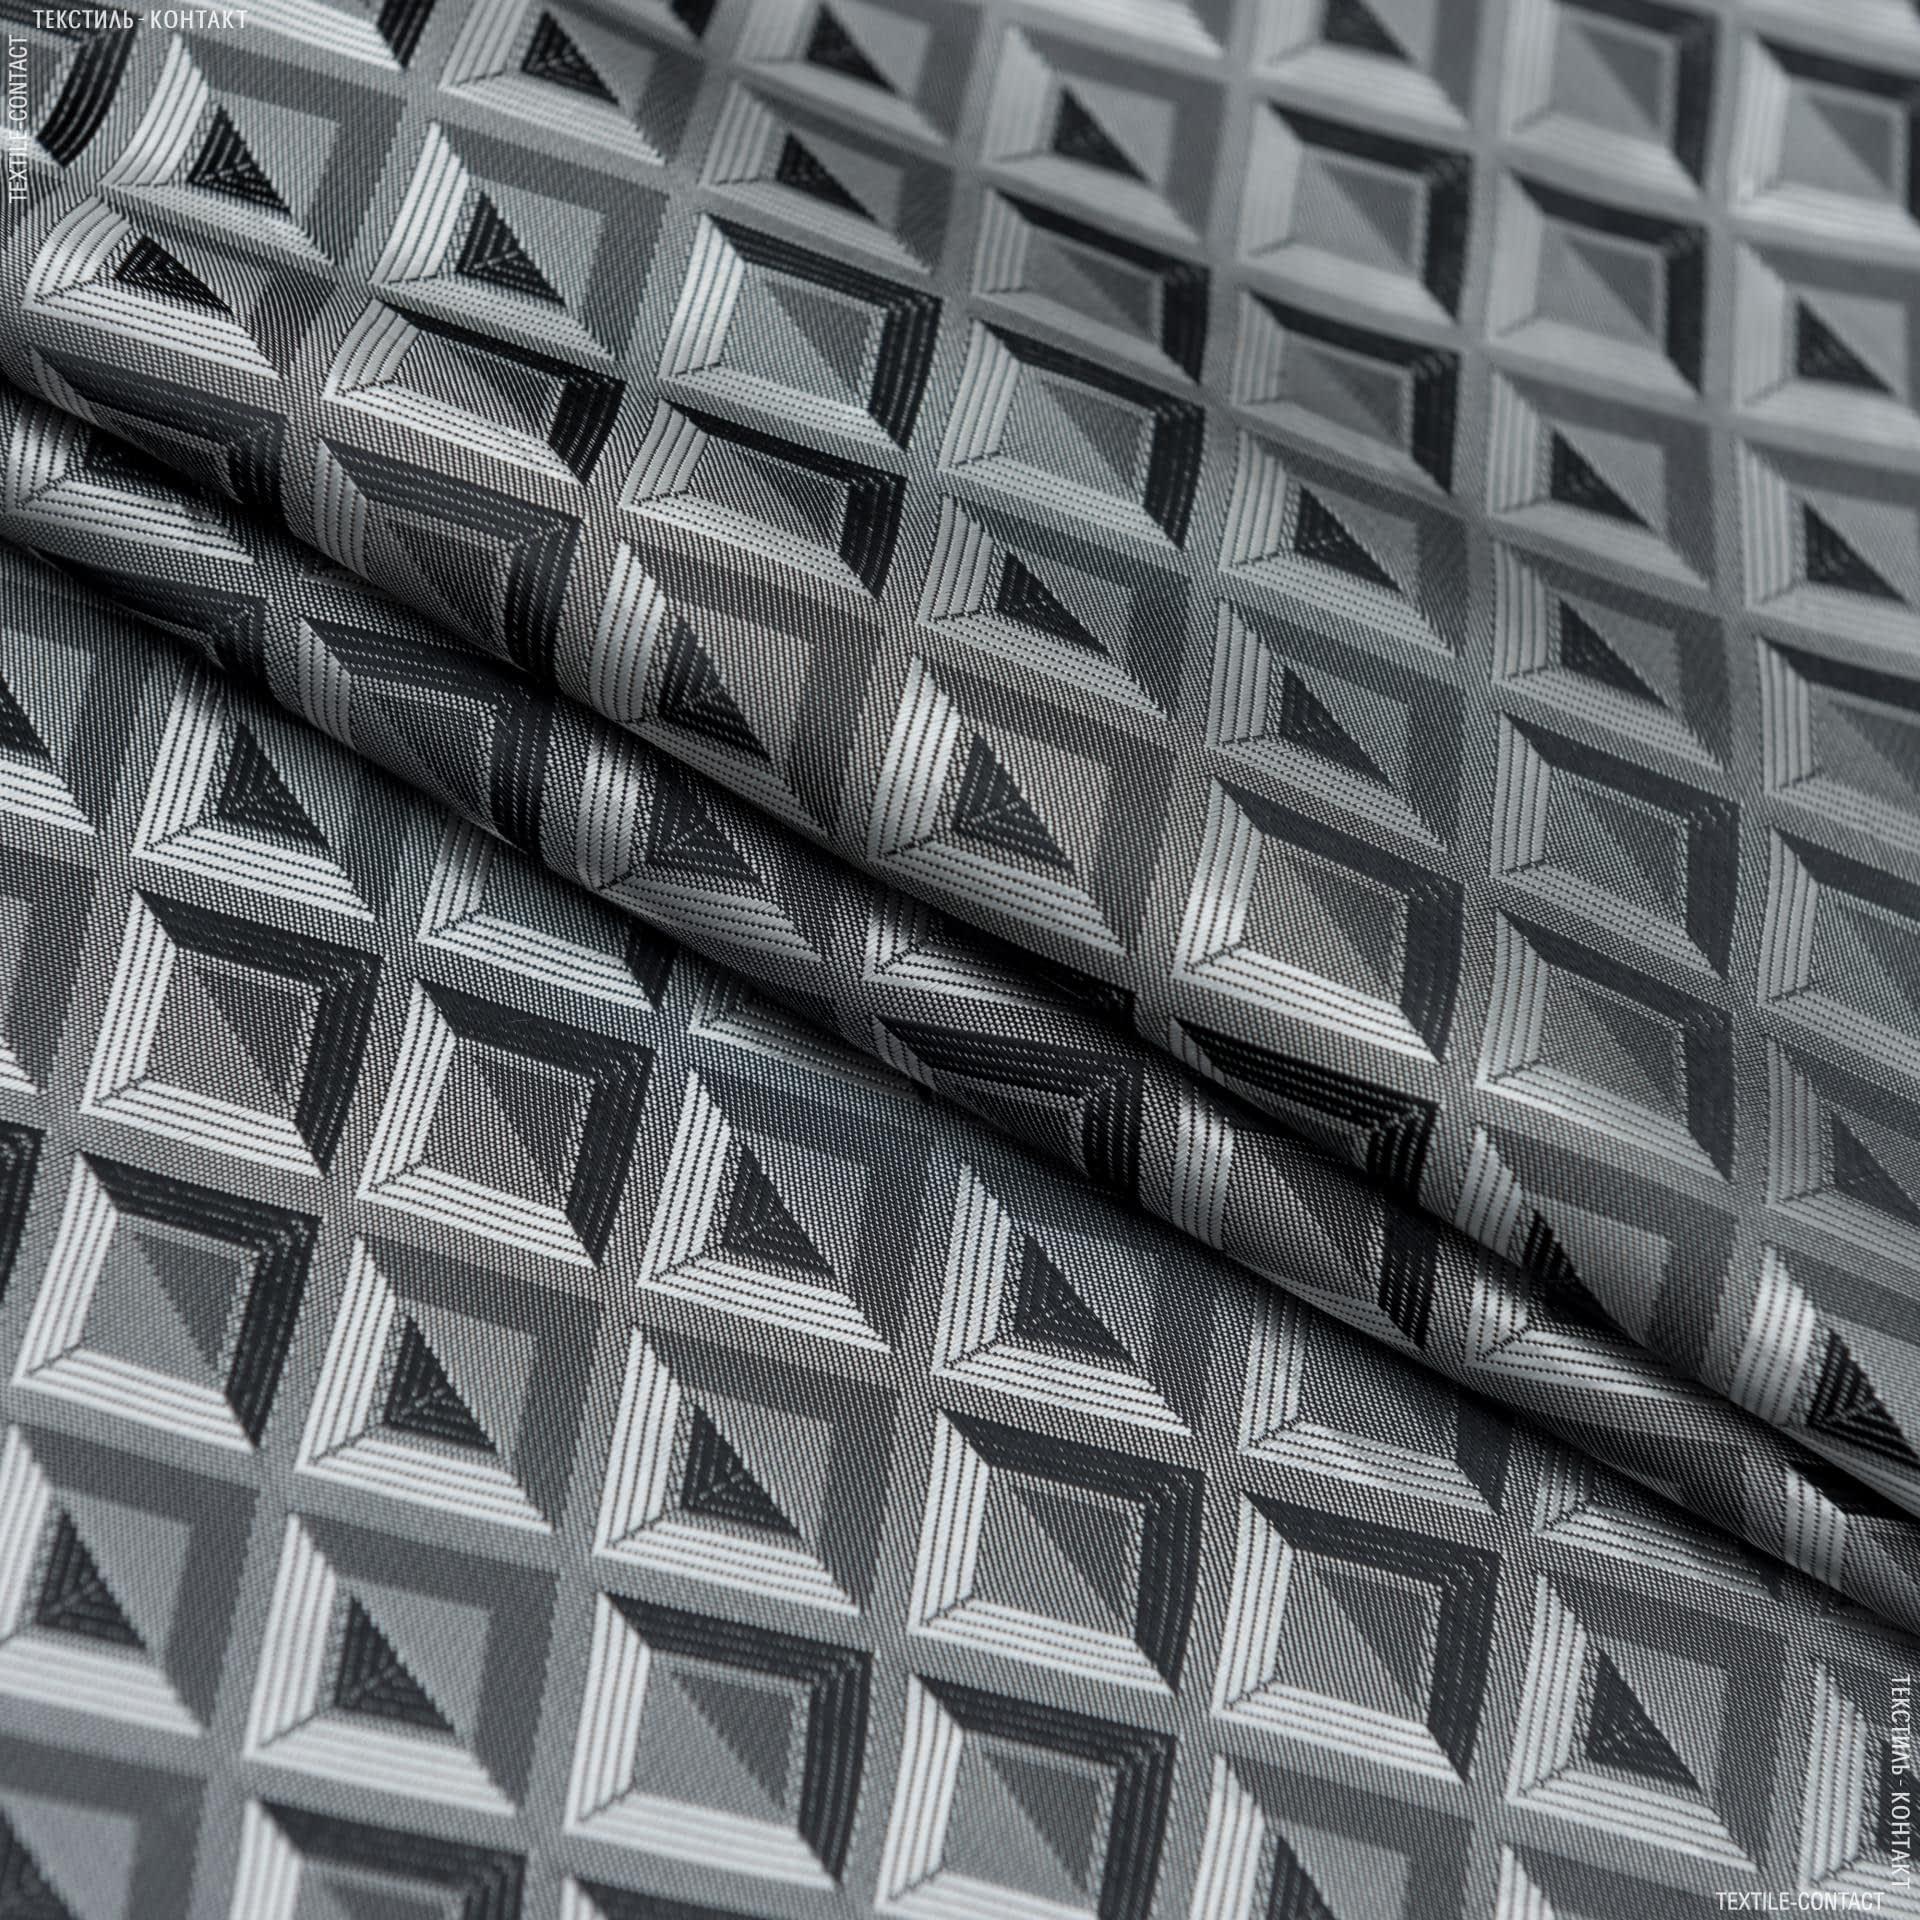 Тканини підкладкова тканина - Підкладковий жакард хамелеон чорний/срібний